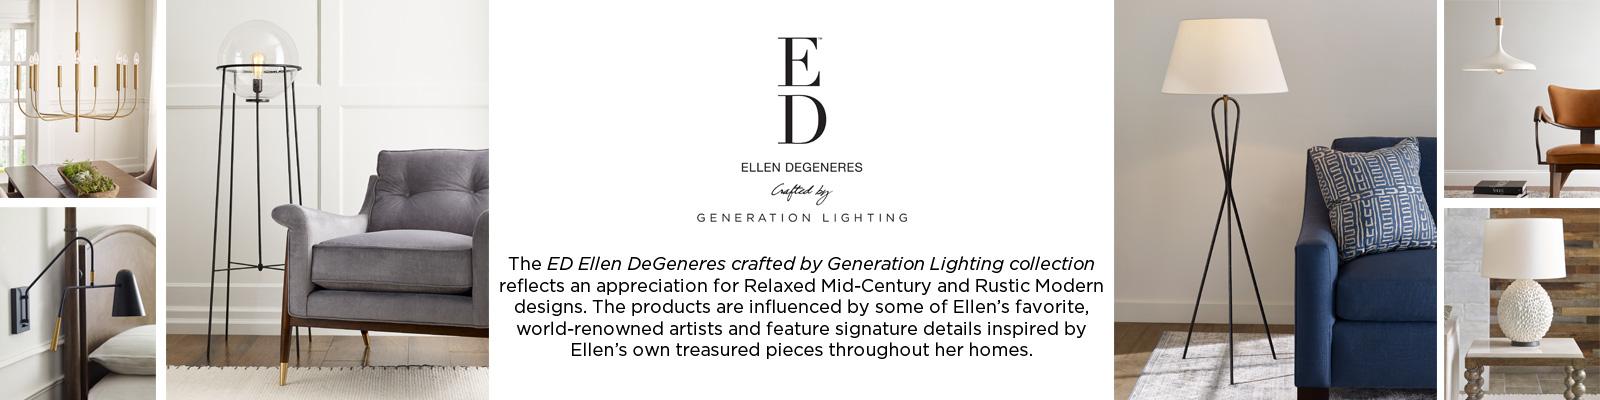 Ellen Degeneres by Generation Lighting